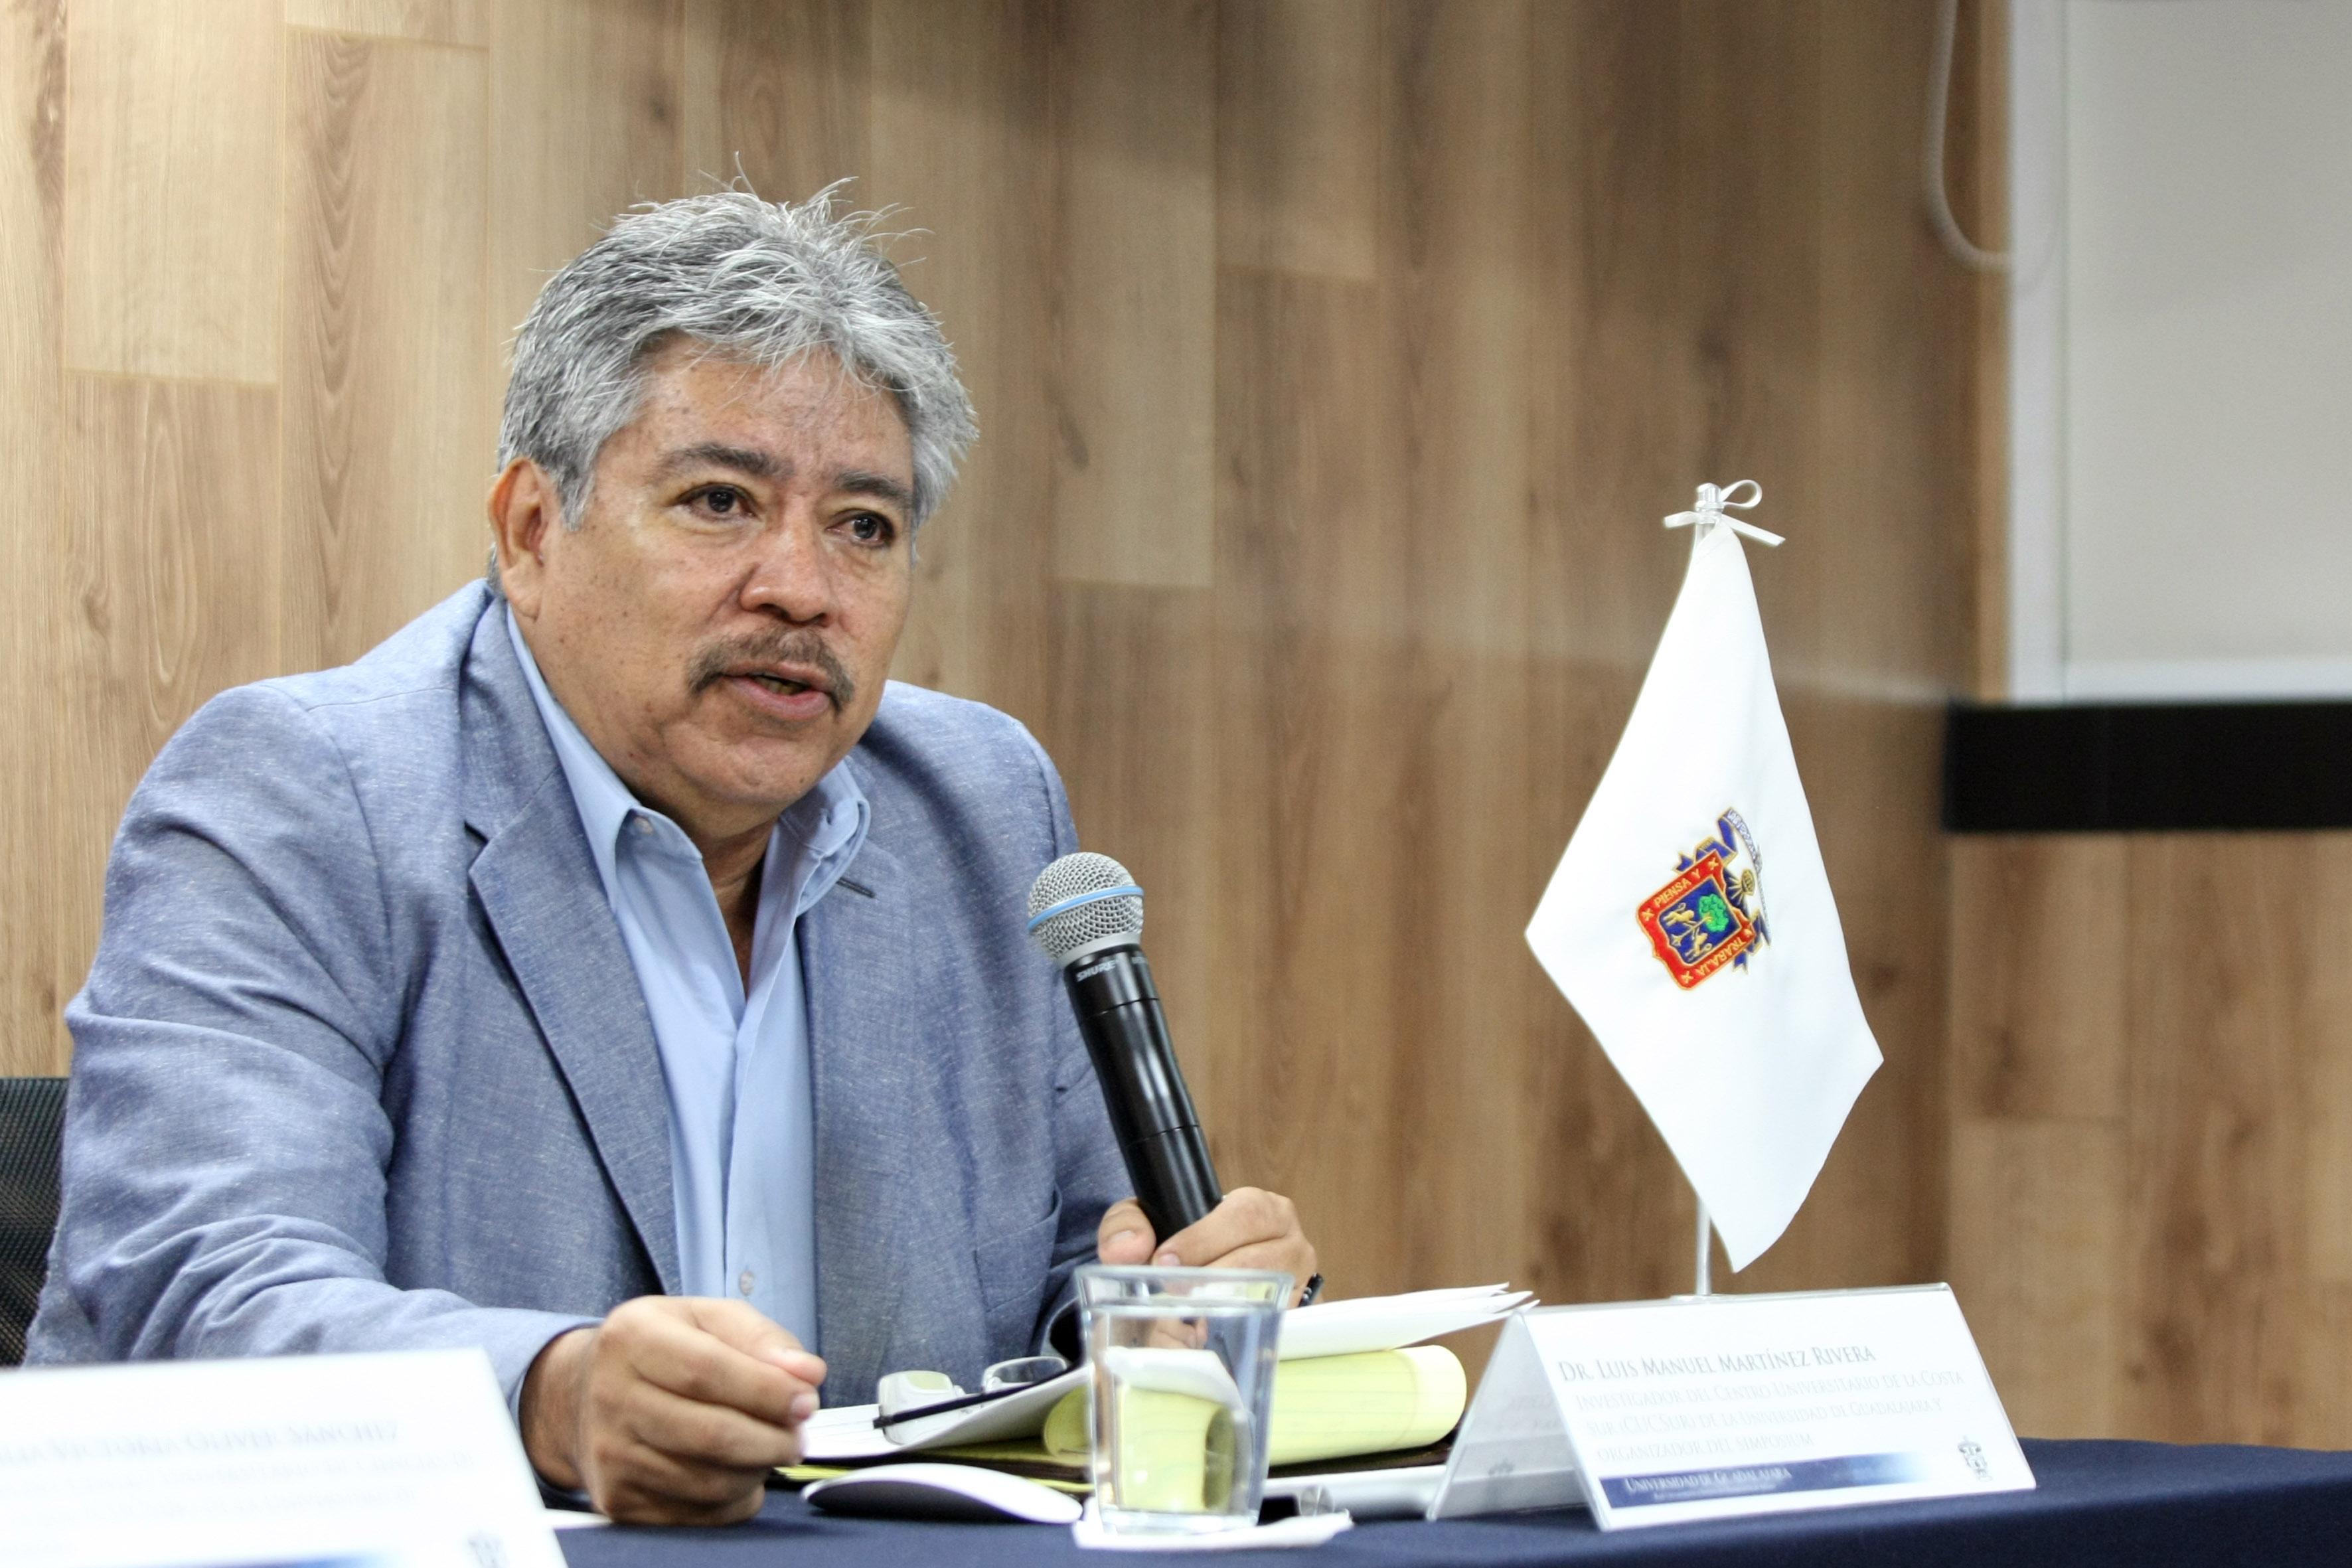 En el uso de la voz, el doctor Luis Manuel Martínez Rivera, investigador del Departamento de Ecología y Recursos Naturales (DERN) y coordinador general del simposio